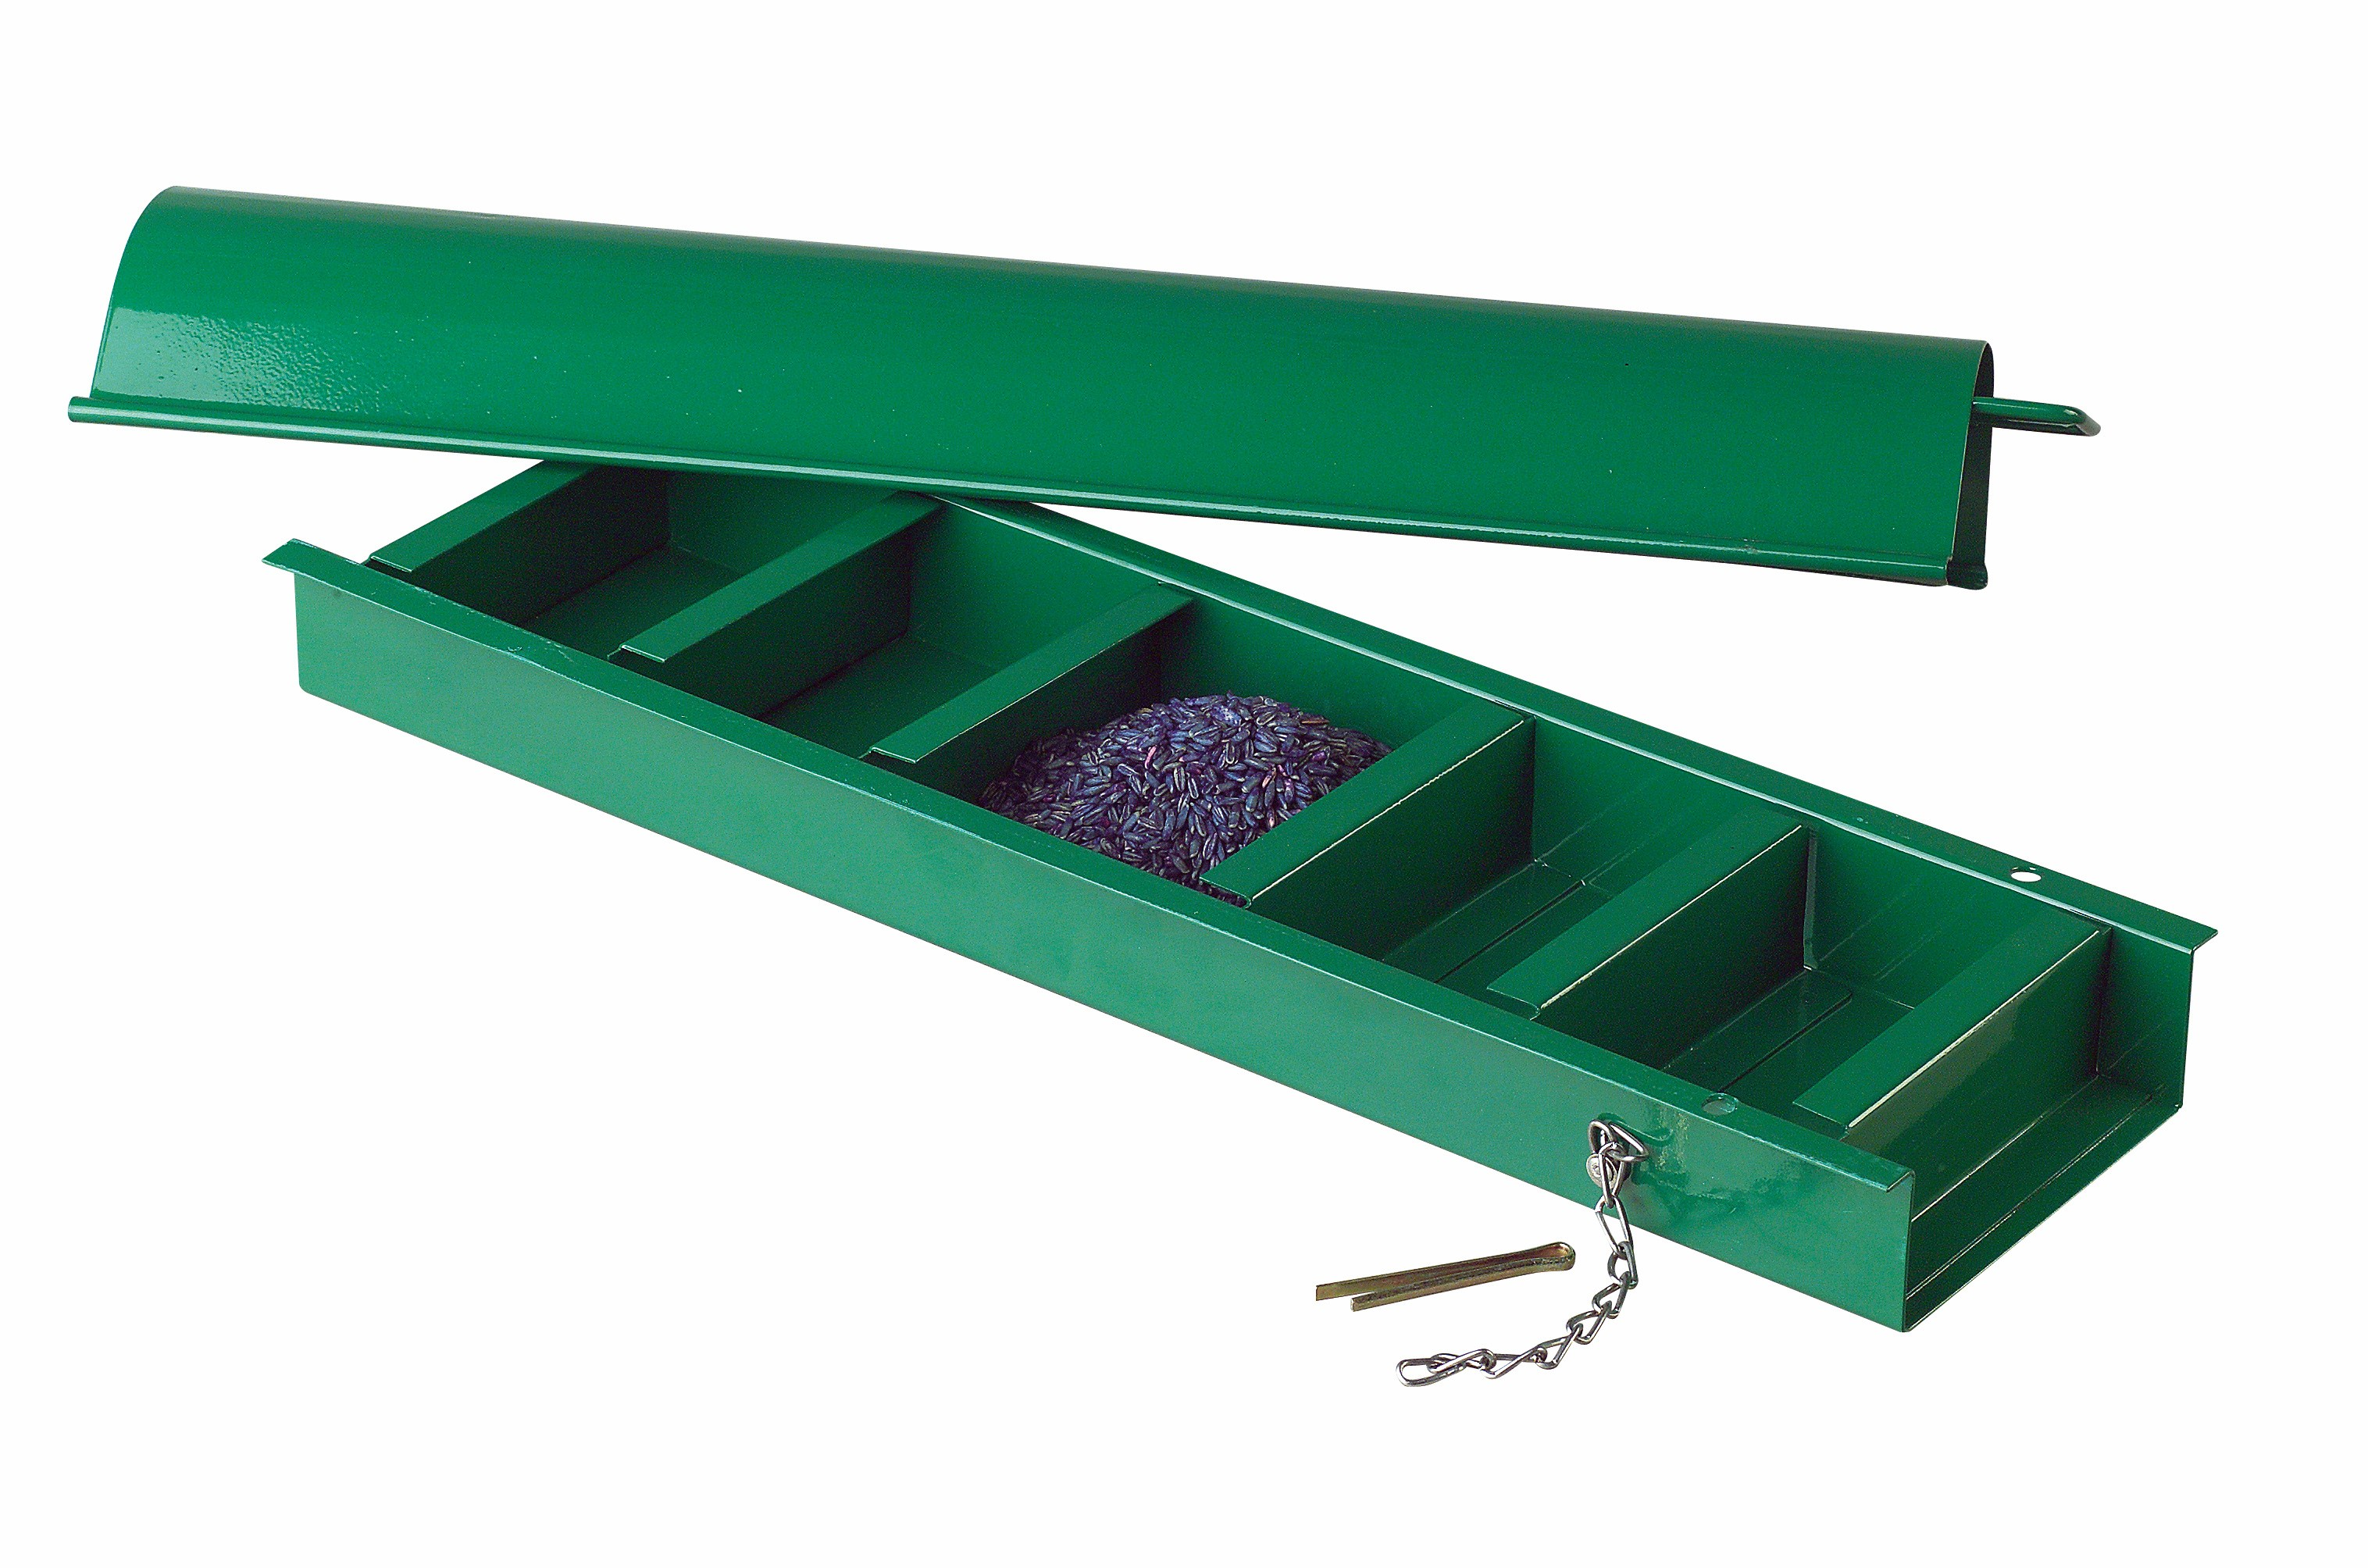 couloir de pi geage 5 compartiments pour rat et souris ntd chasse et pi geage. Black Bedroom Furniture Sets. Home Design Ideas